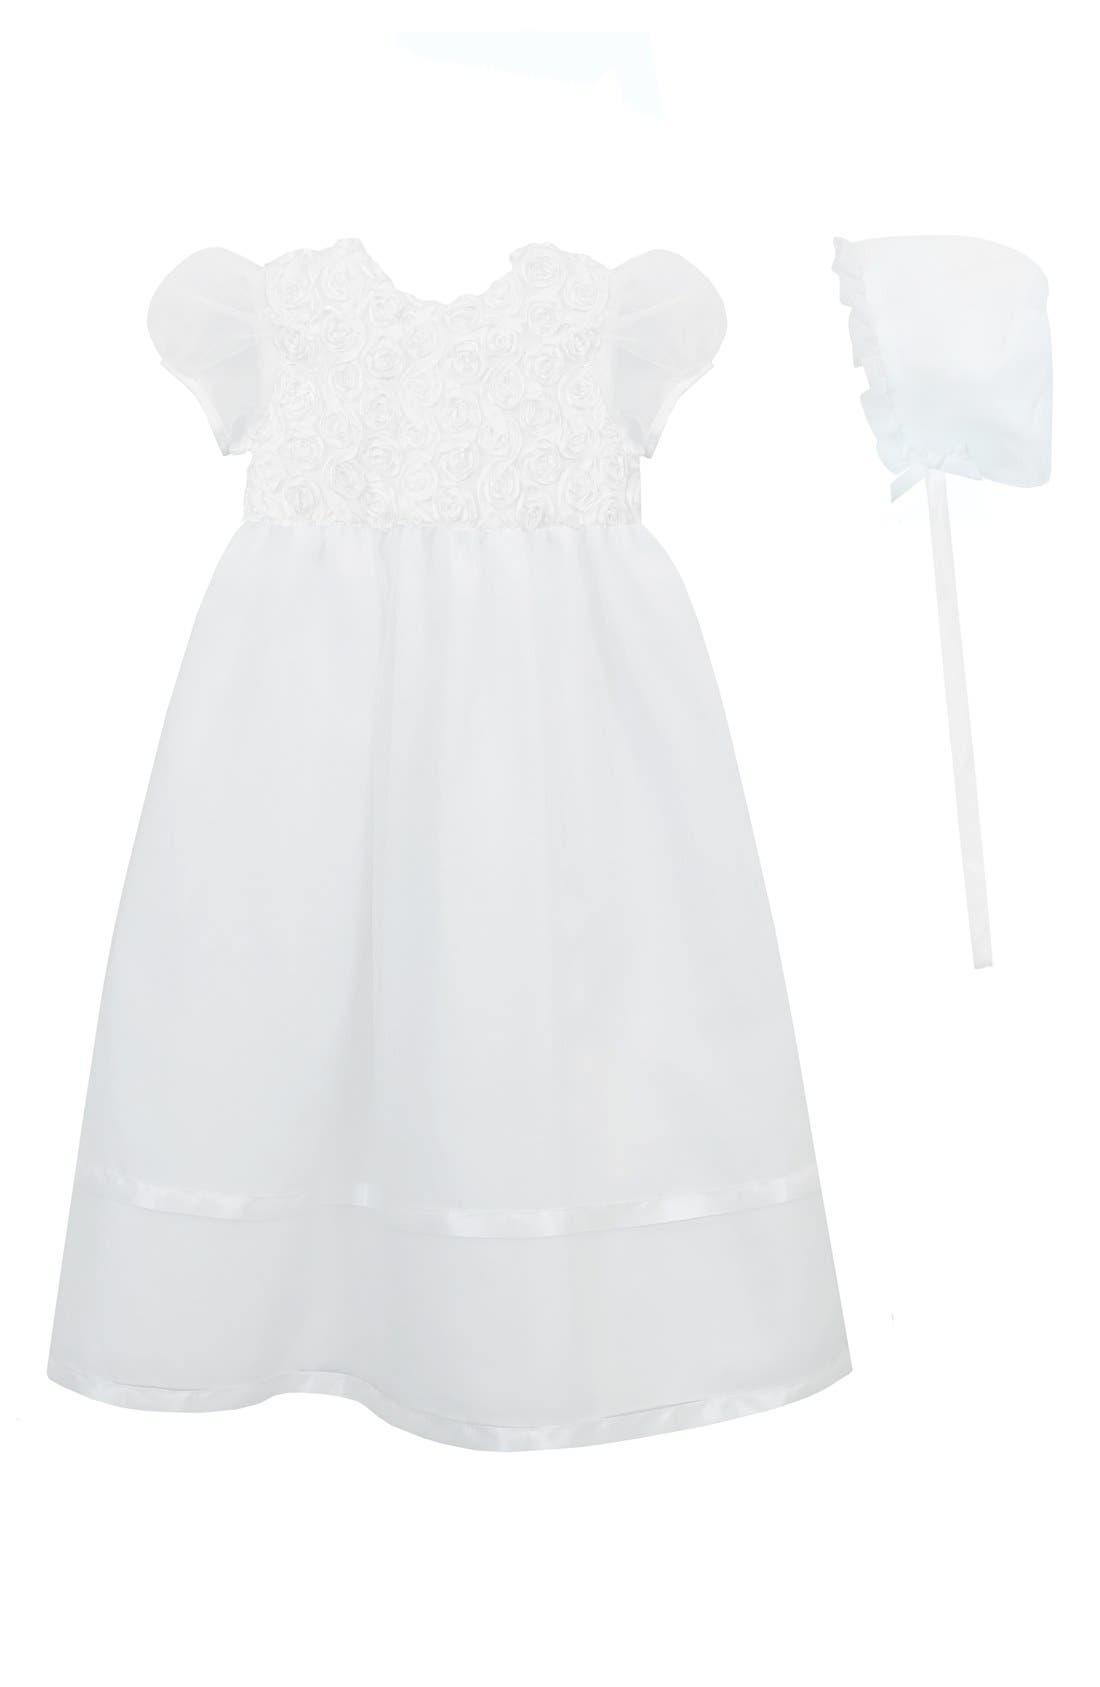 C.I. CASTRO & CO. Christening Gown & Bonnet